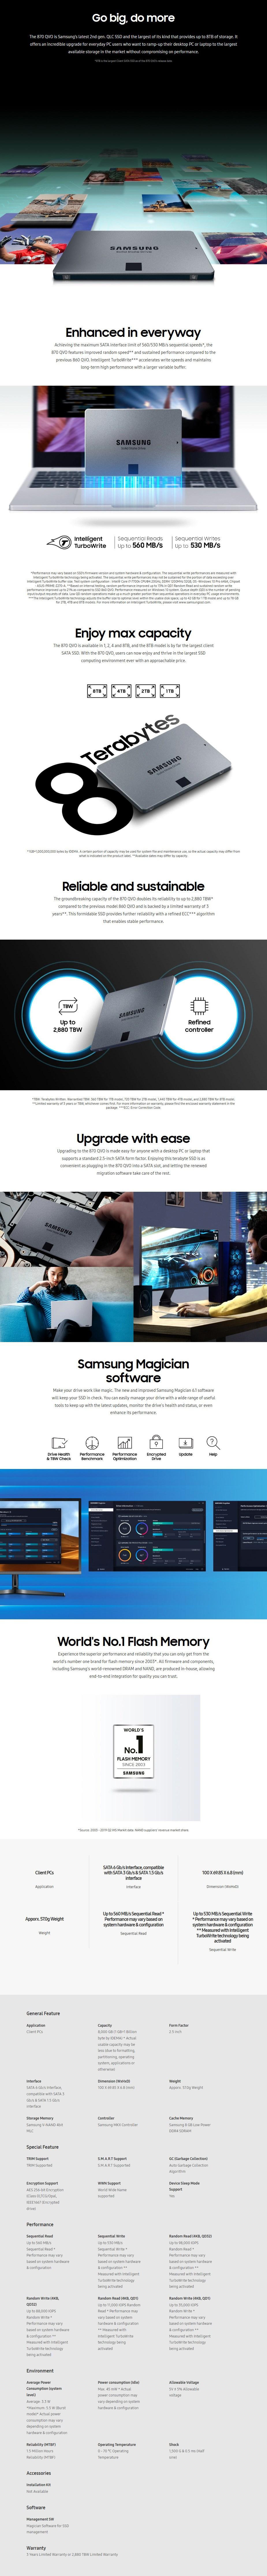 samsung-870-qvo-8tb-25-sata-iii-6gbs-4bit-mlc-vnand-ssd-mz77q8t0bw-ac36384-4.jpg